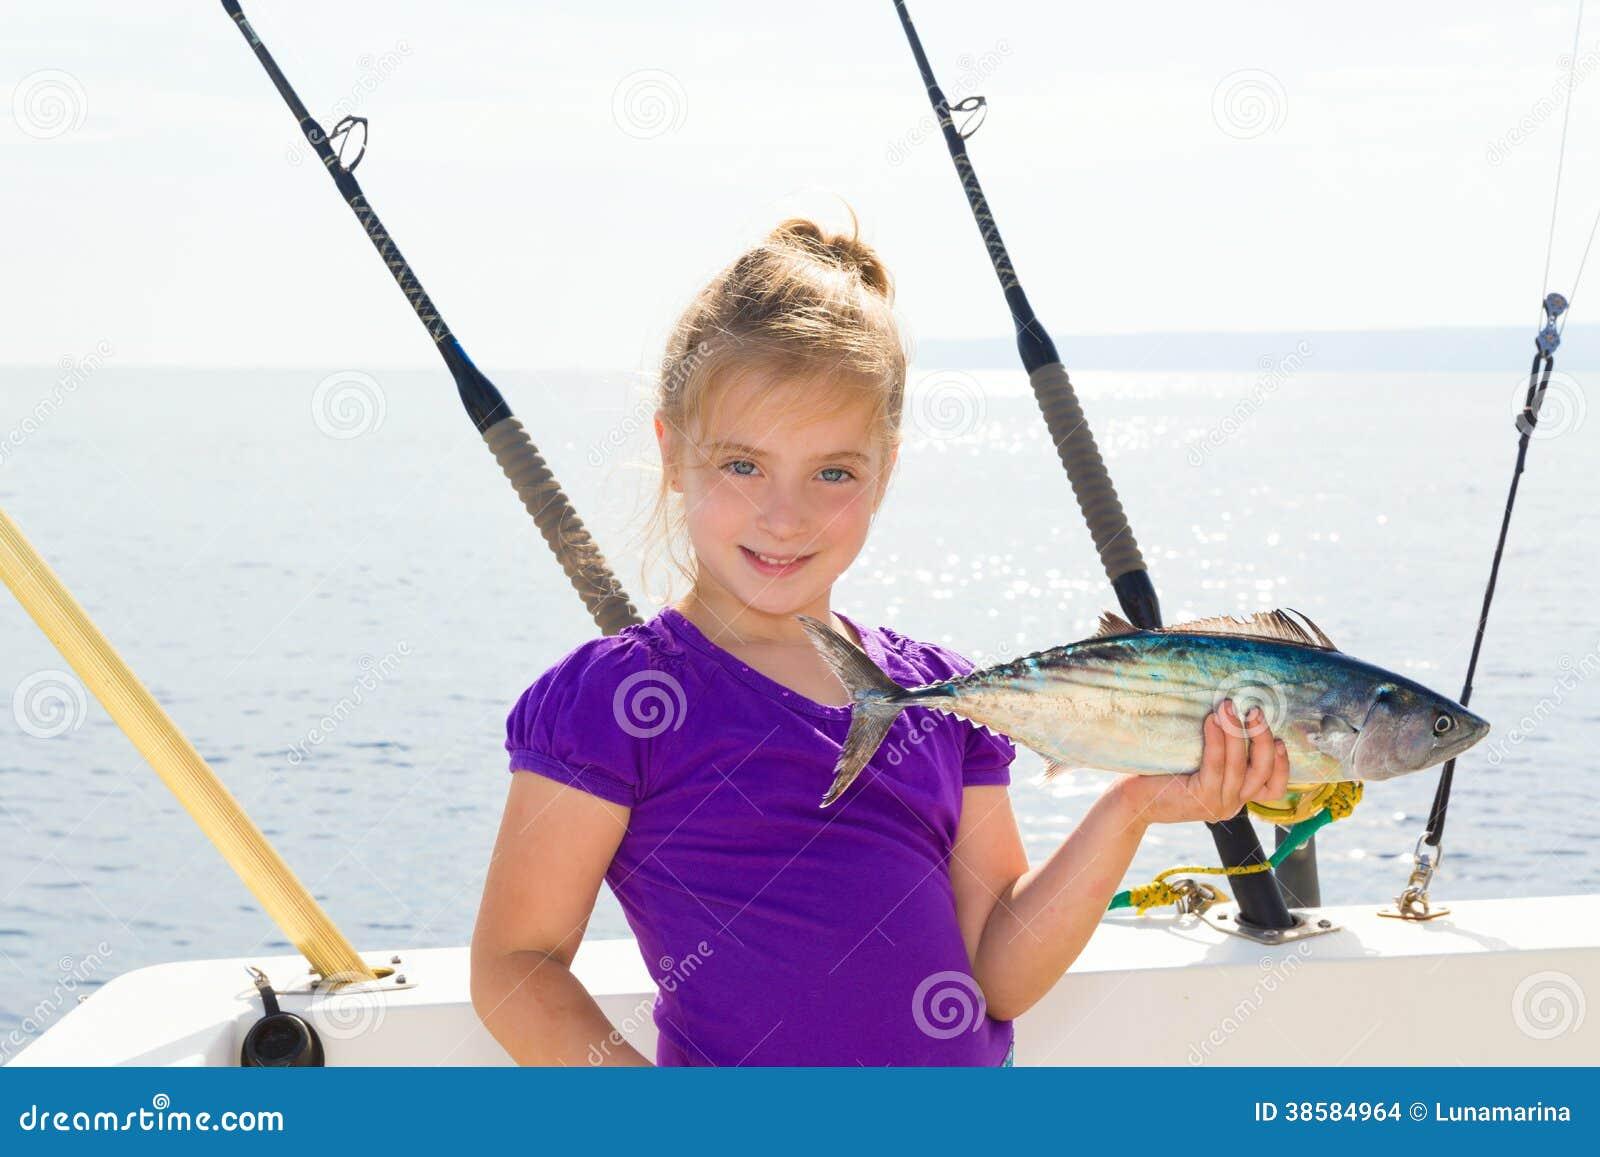 рыбалка за тунцами